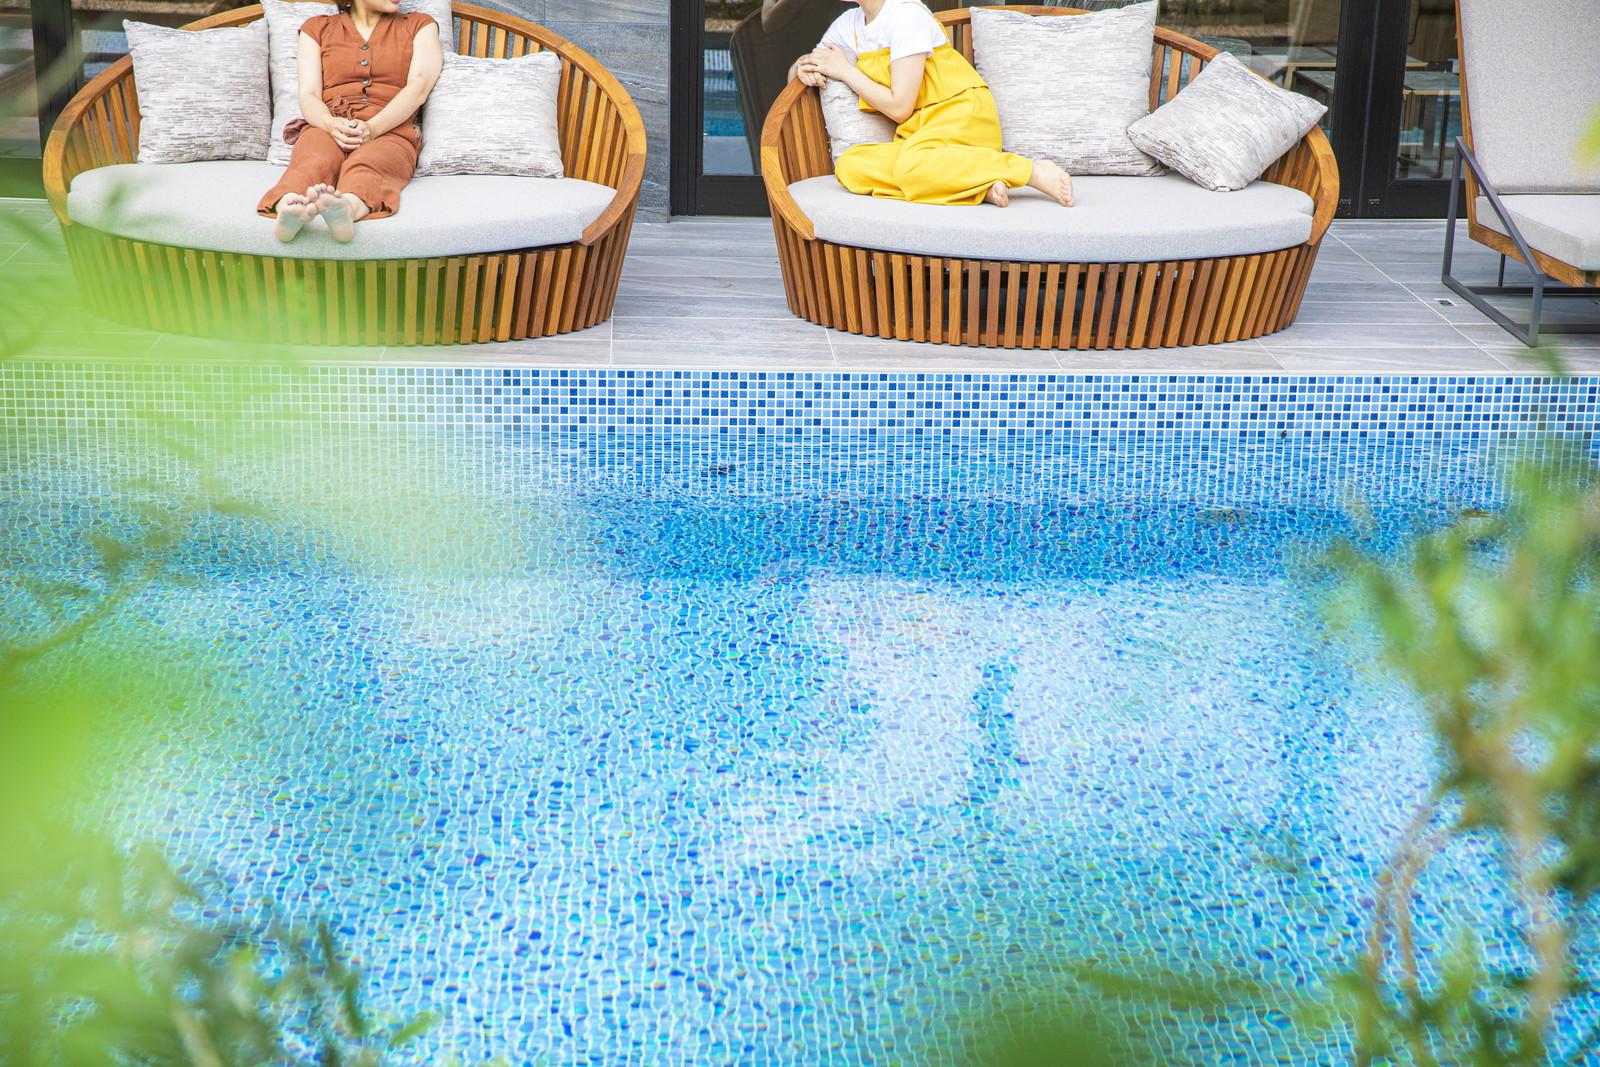 ガーデンテラス福岡ホテル&リゾート 【九州在住者限定】期間限定!特別企画 朝食付プラン(朝食付)